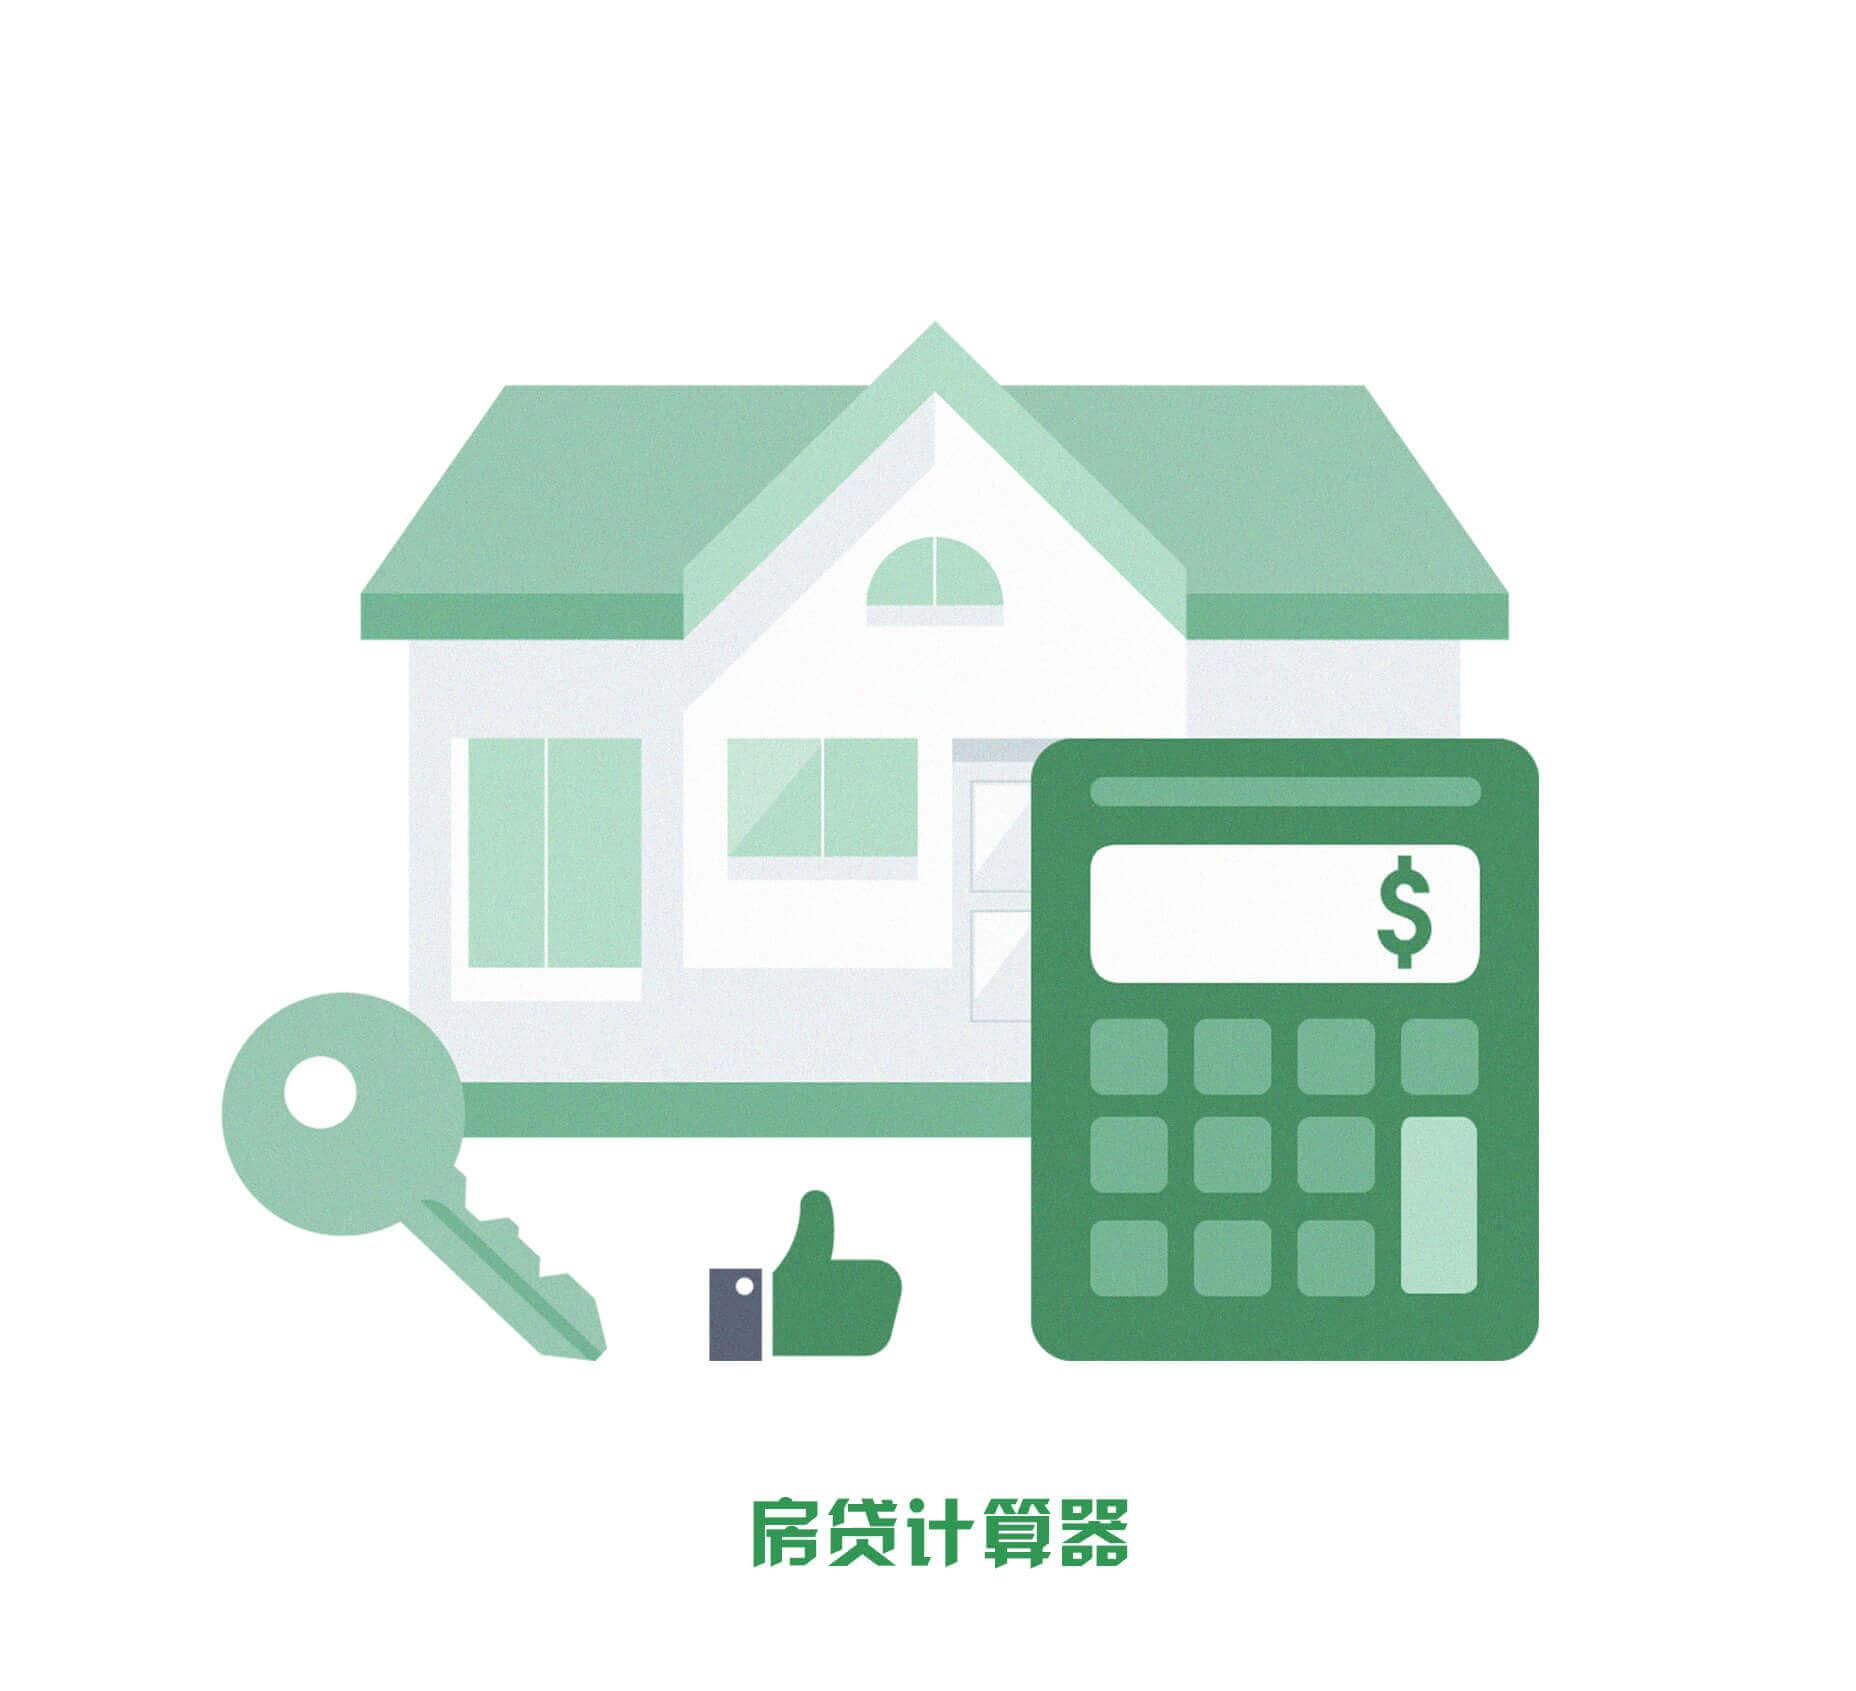 个人买房贷款计算器_房屋贷款计算器 - My Home Loan